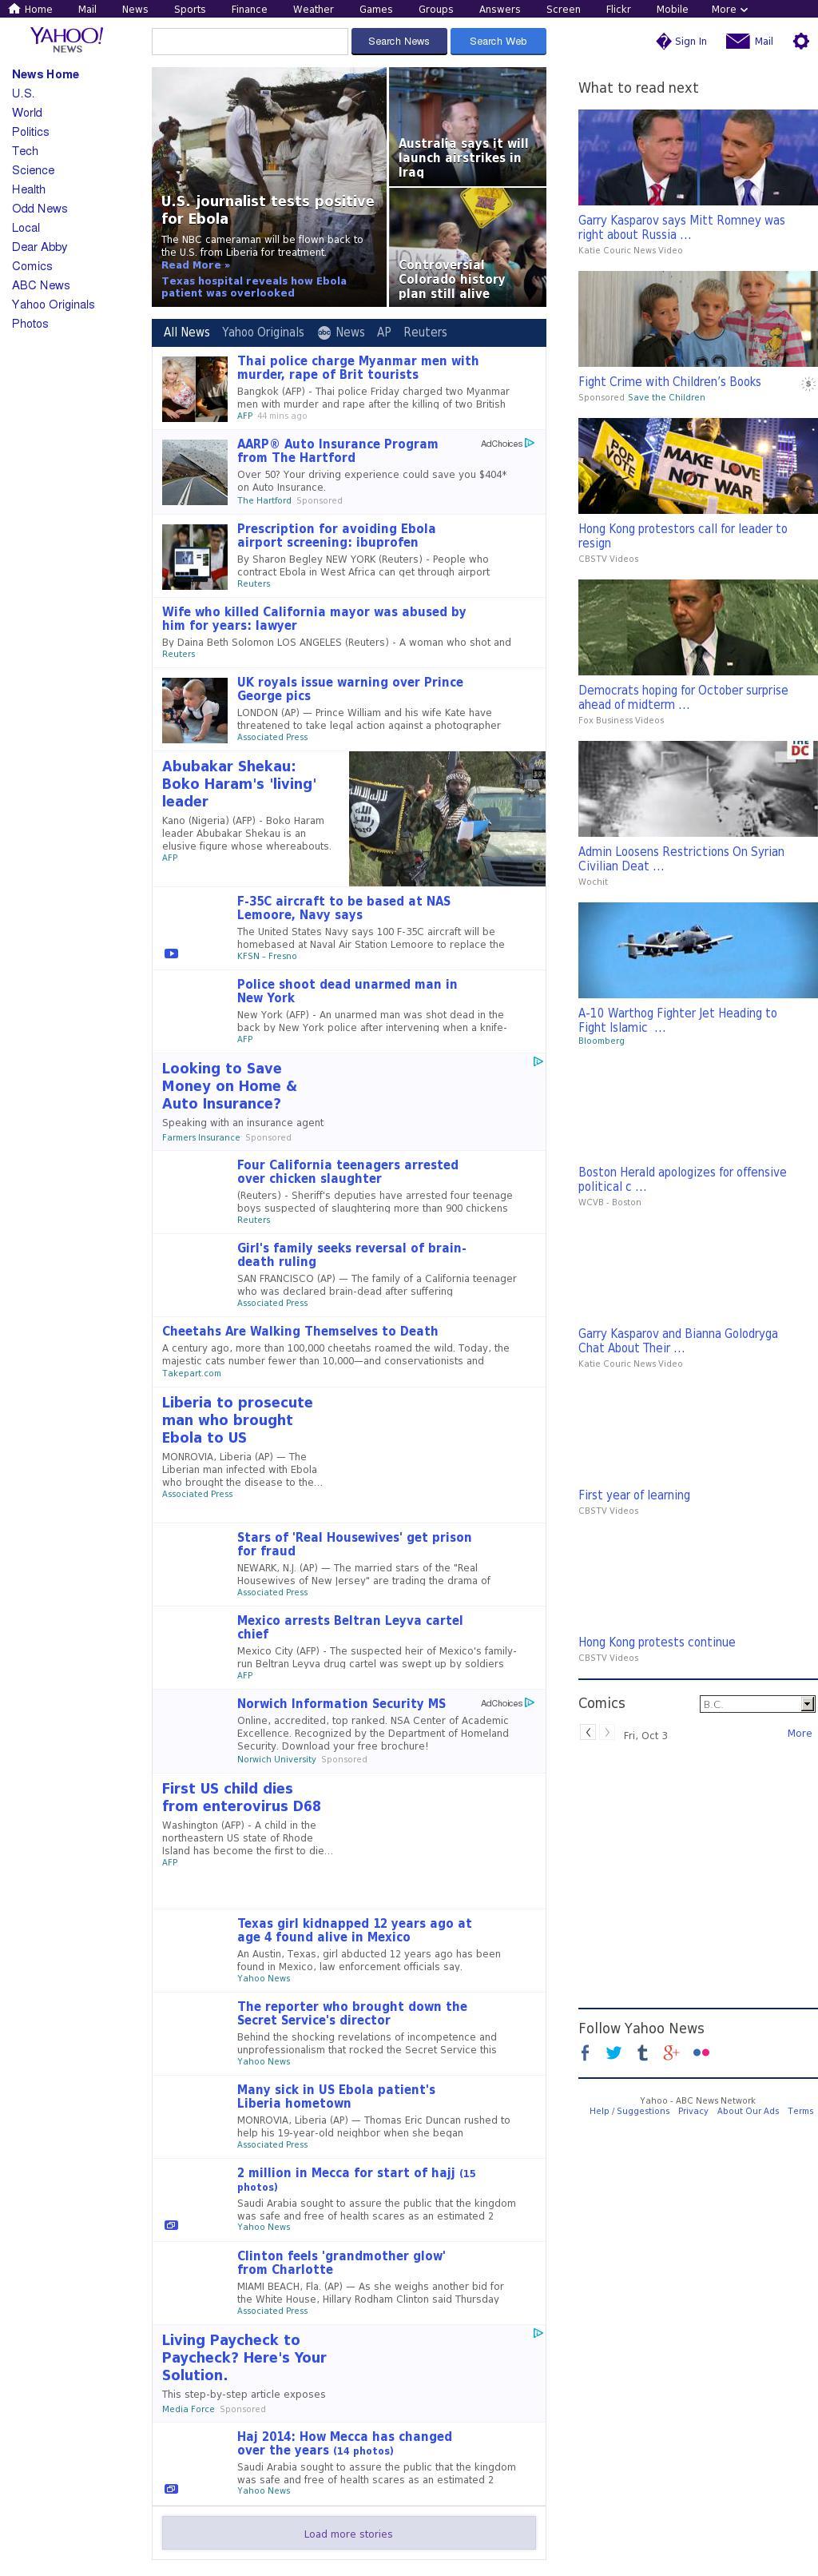 Yahoo! News at Friday Oct. 3, 2014, 8:19 a.m. UTC